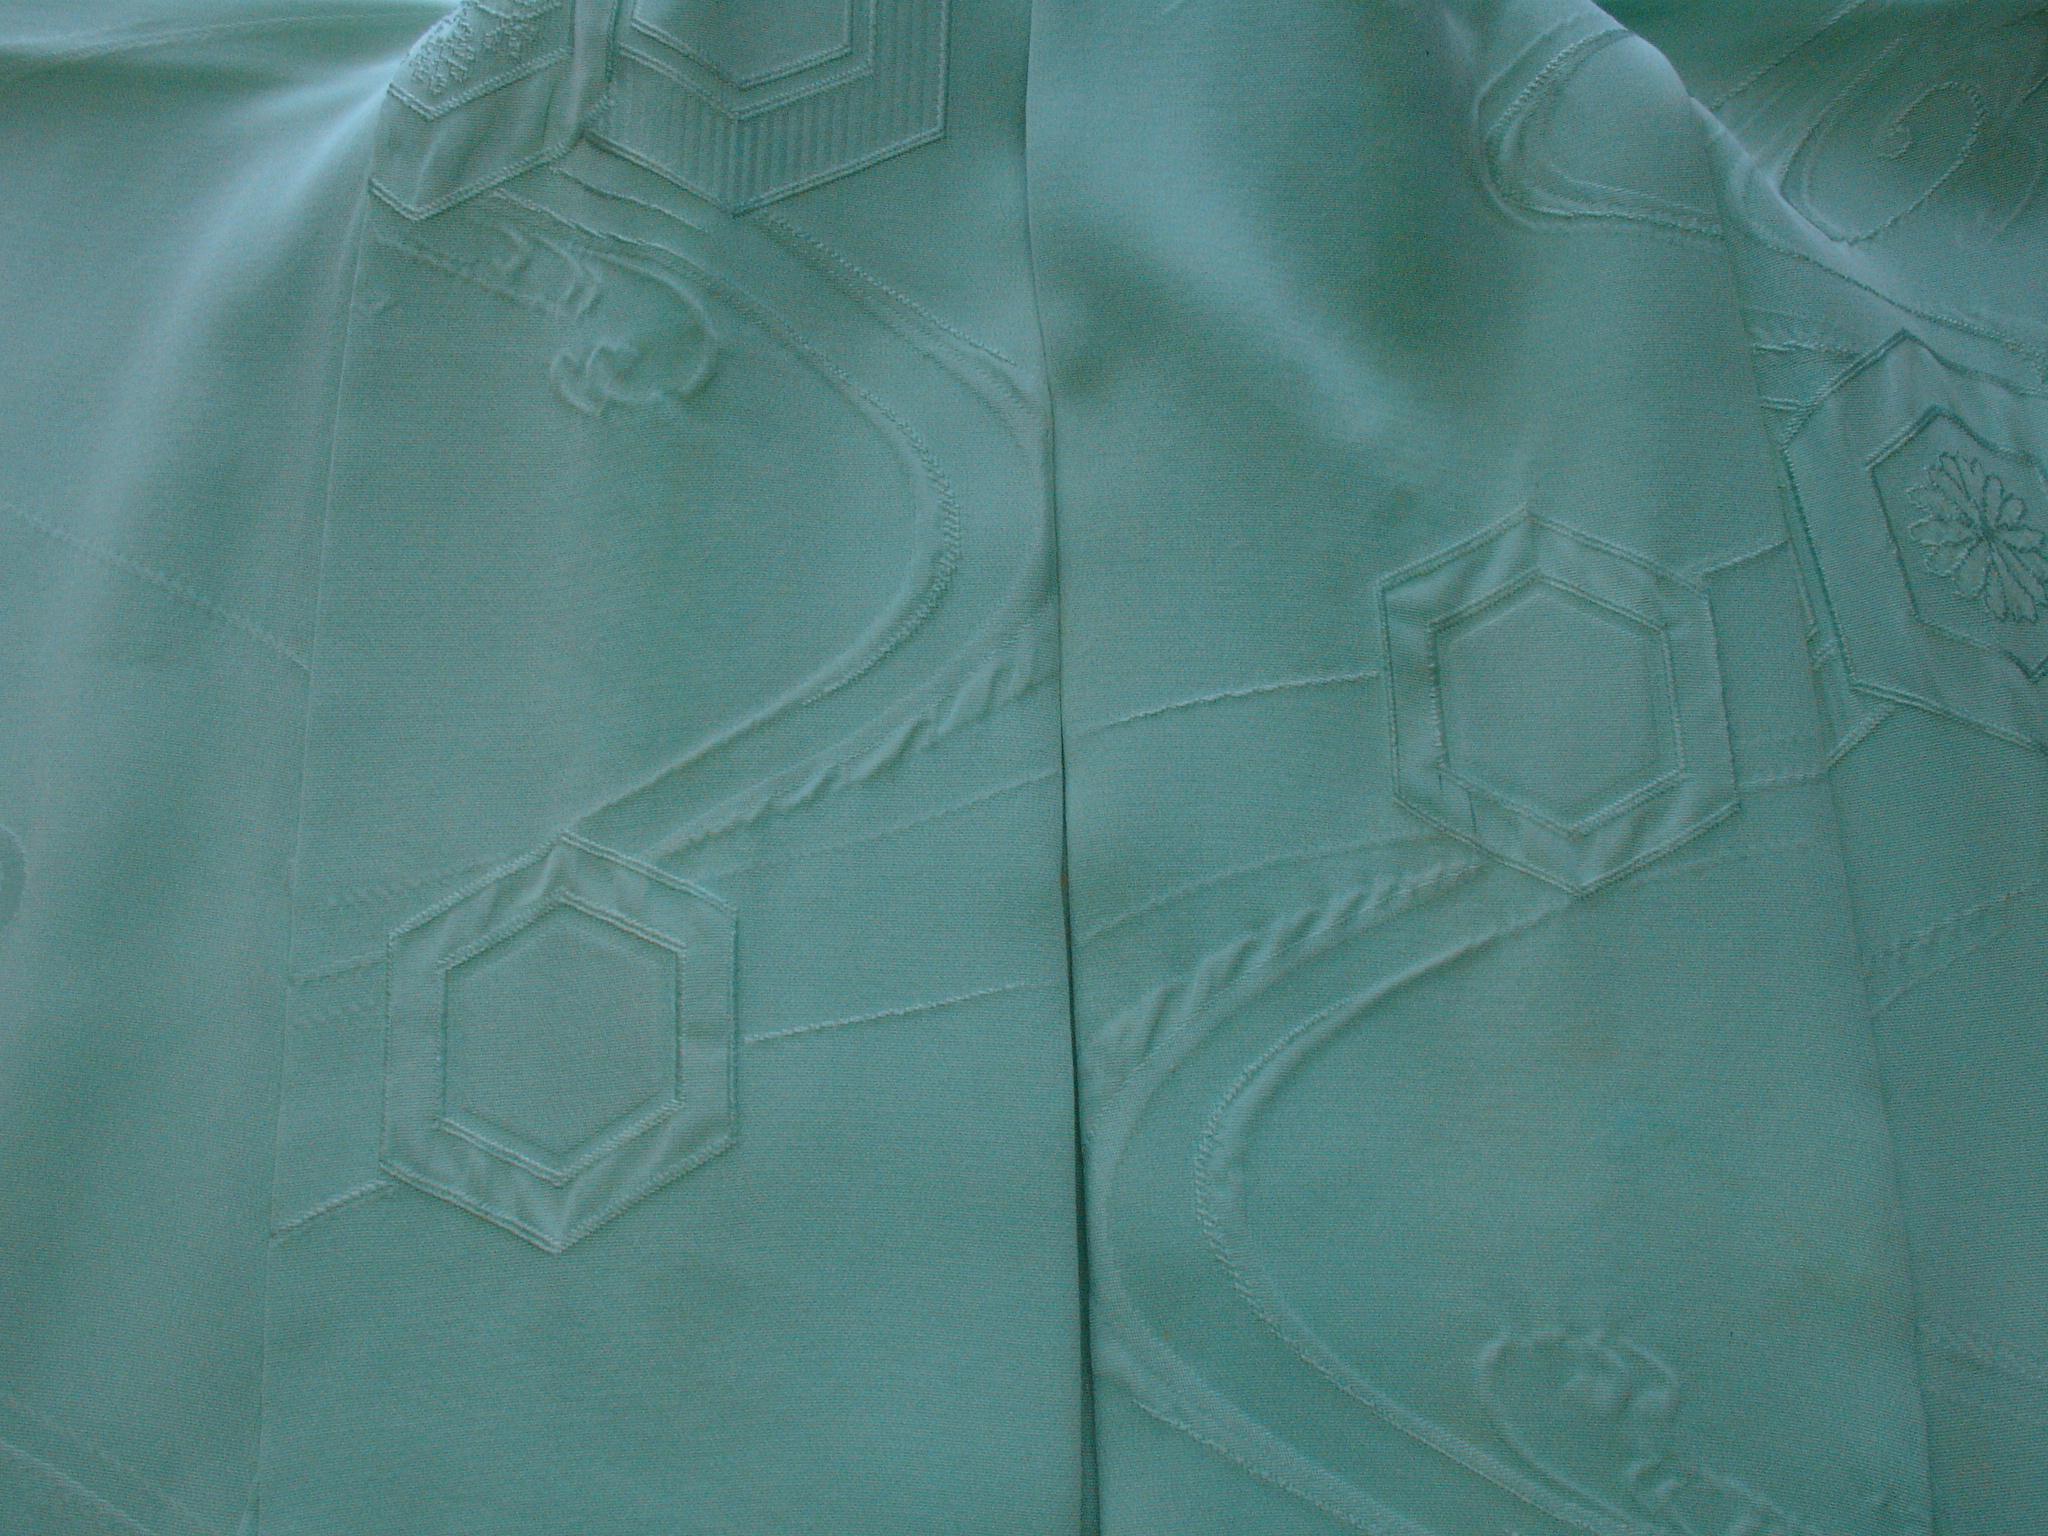 着用による衿の脱色AFTER